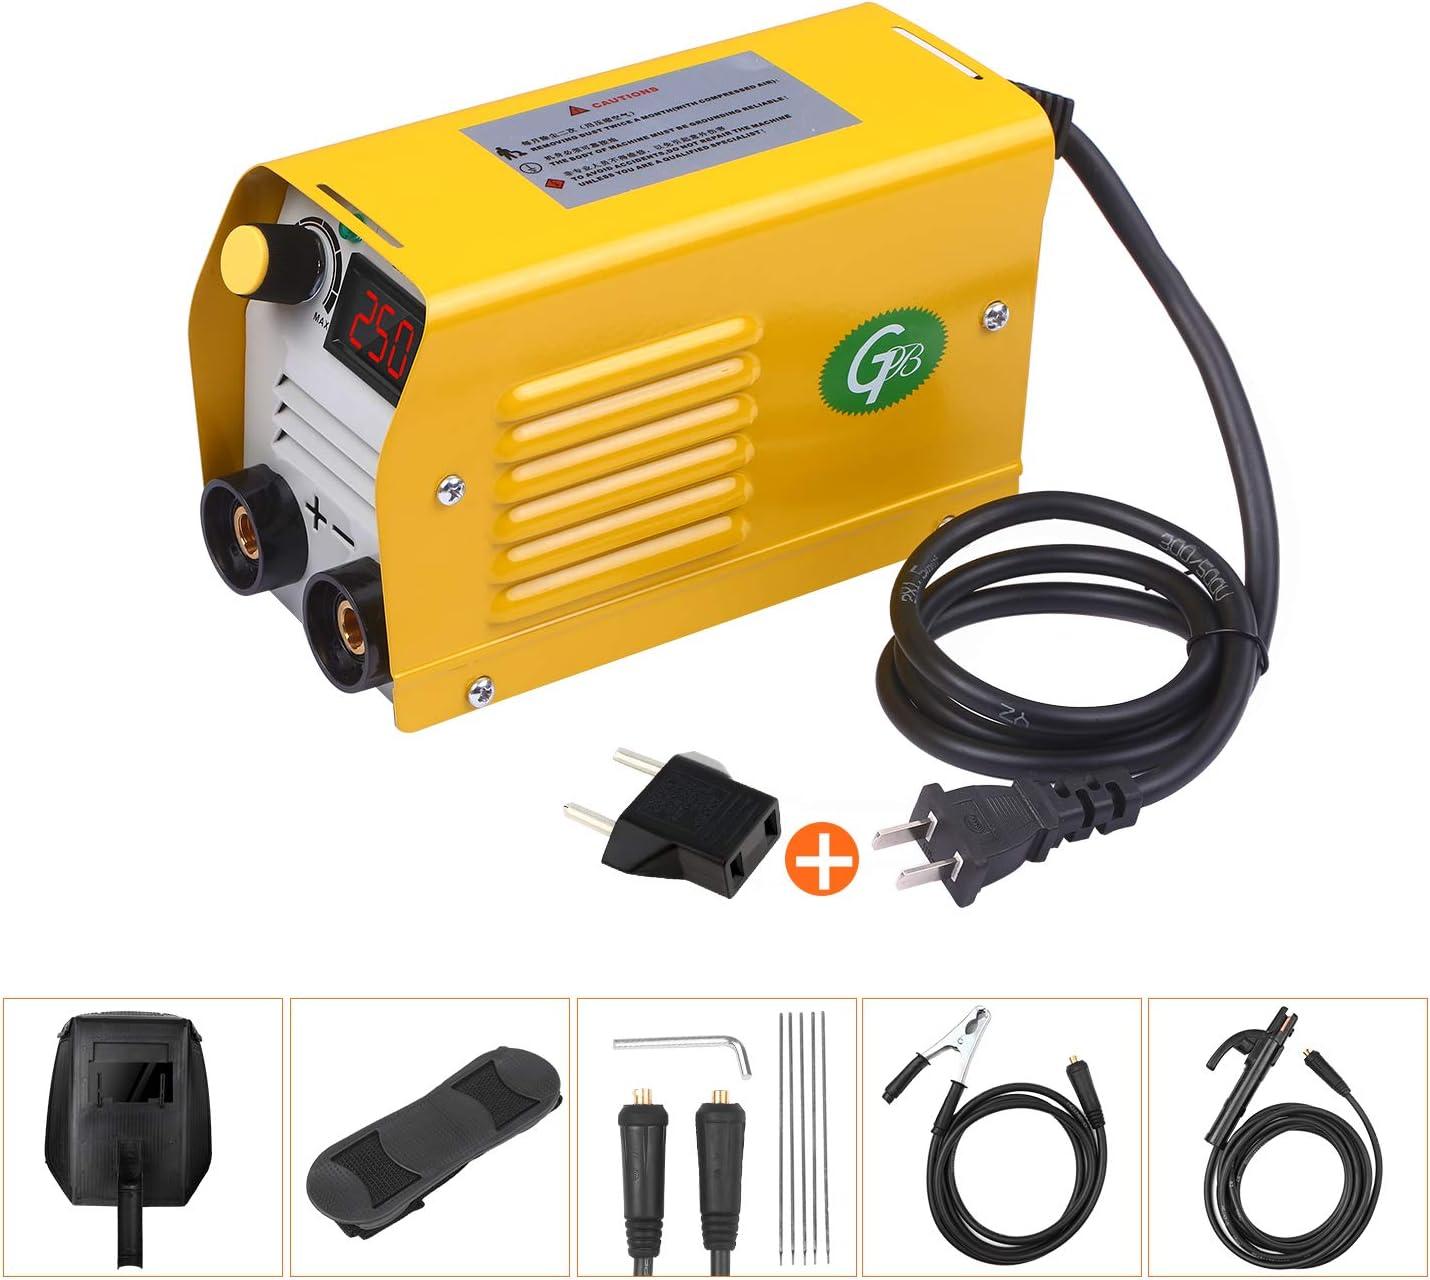 KKmoon Soldadora de arco 250Amps LCD,Máquina de soldadura,Mini soldadora eléctrica portátil antiadherente,con varillas de 2.5-3.2 mm,para soldar trabajos eléctricos